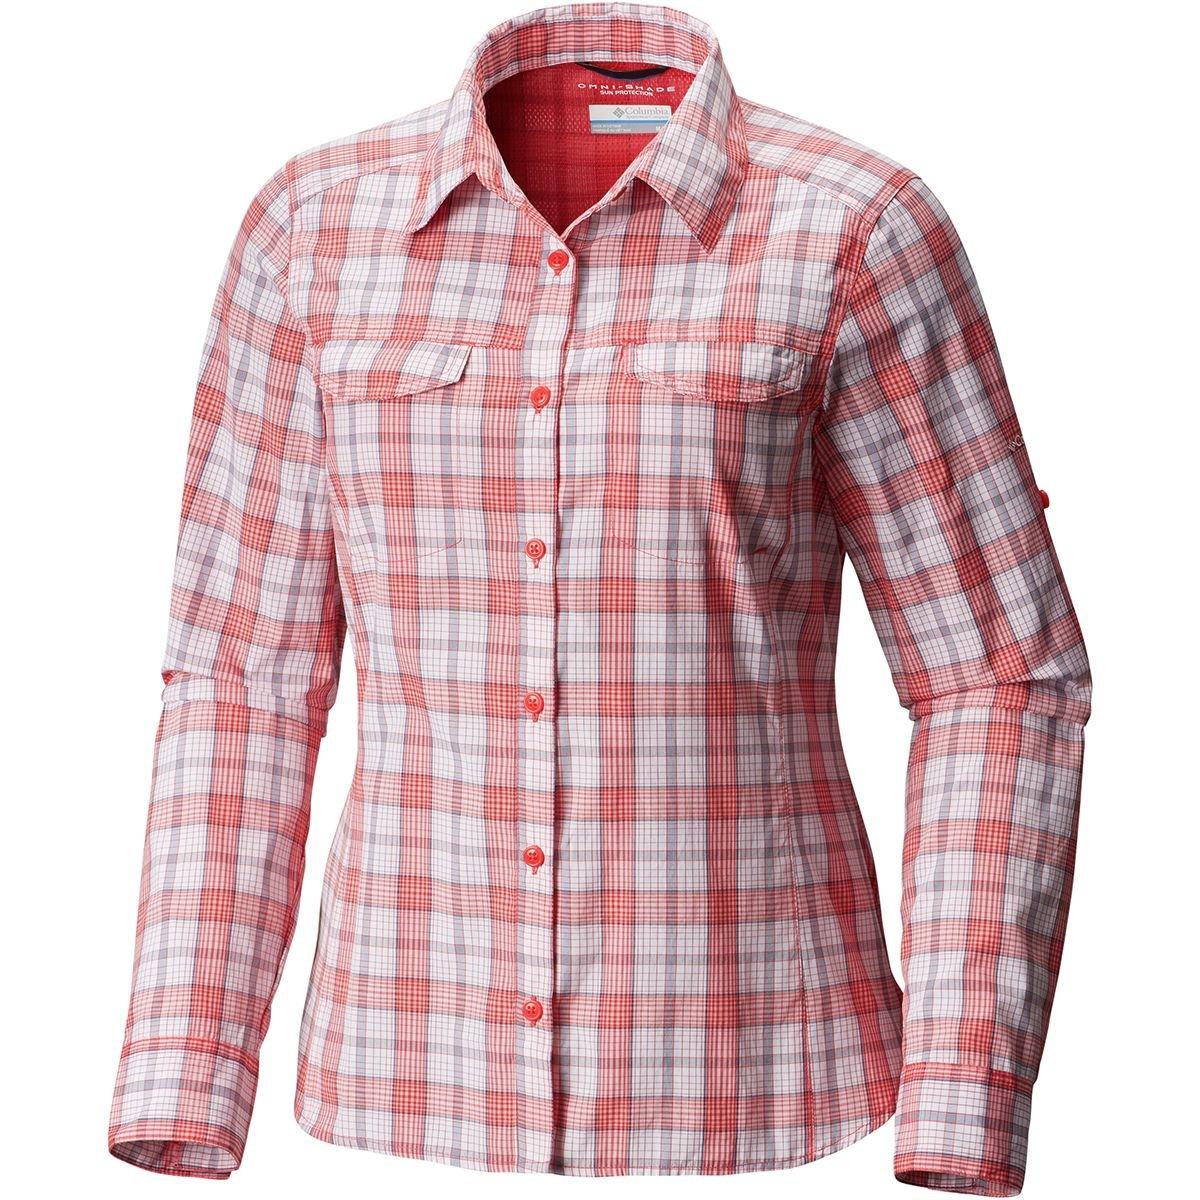 (コロンビア) Columbia Silver Ridge Lite Plaid Long-Sleeve Shirt レディース シャツトップスRed Camellia Plaid [並行輸入品] XL Red Camellia Plaid B079Q7F1Q3